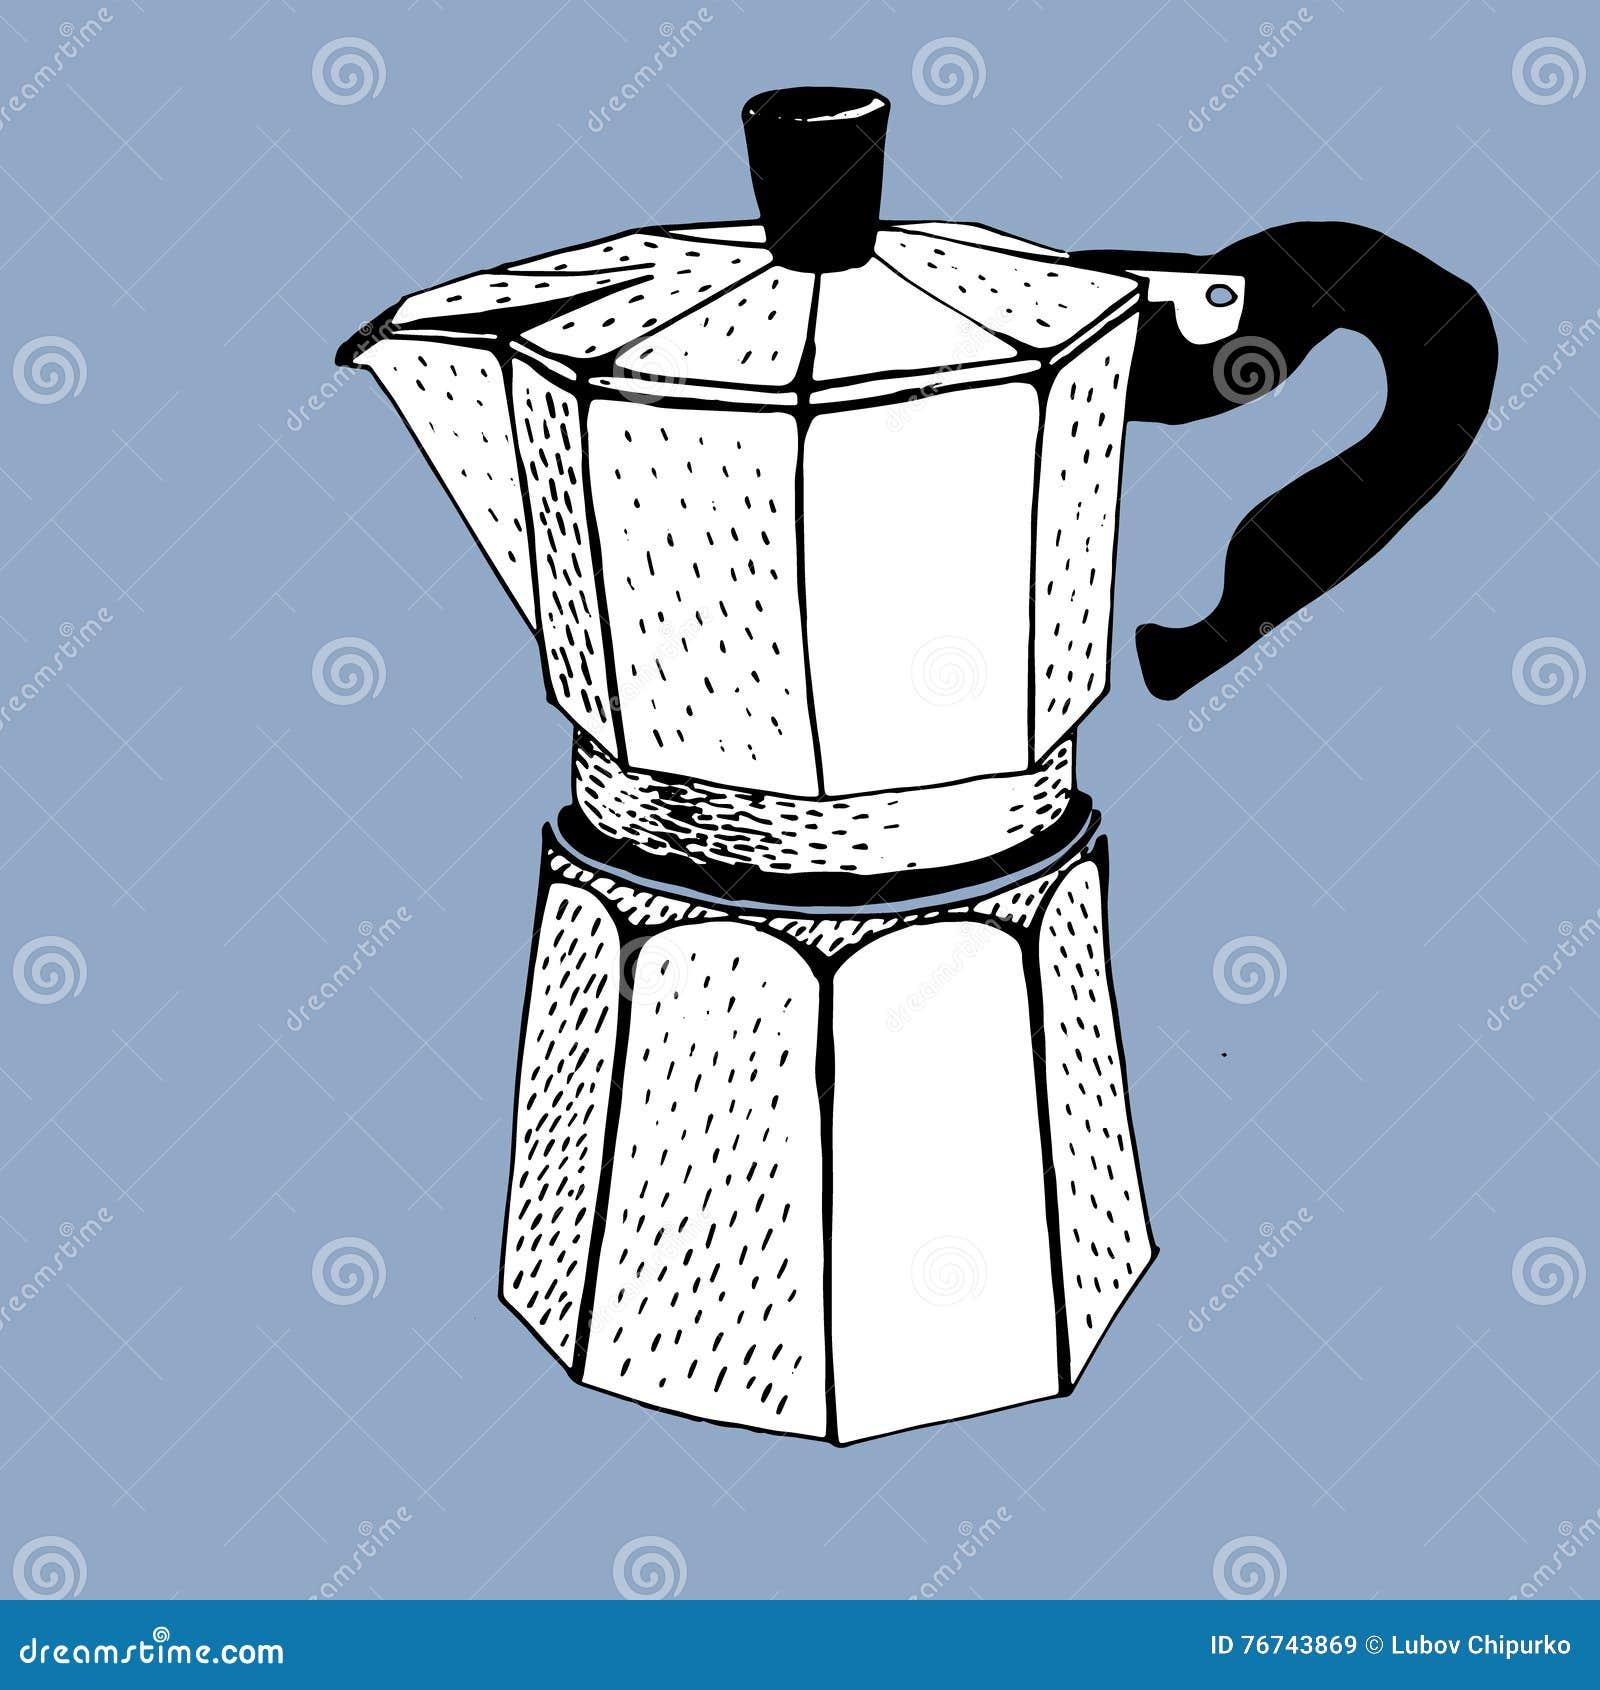 Download Coffee Maker Percolator Graphic Draw Stock Vector